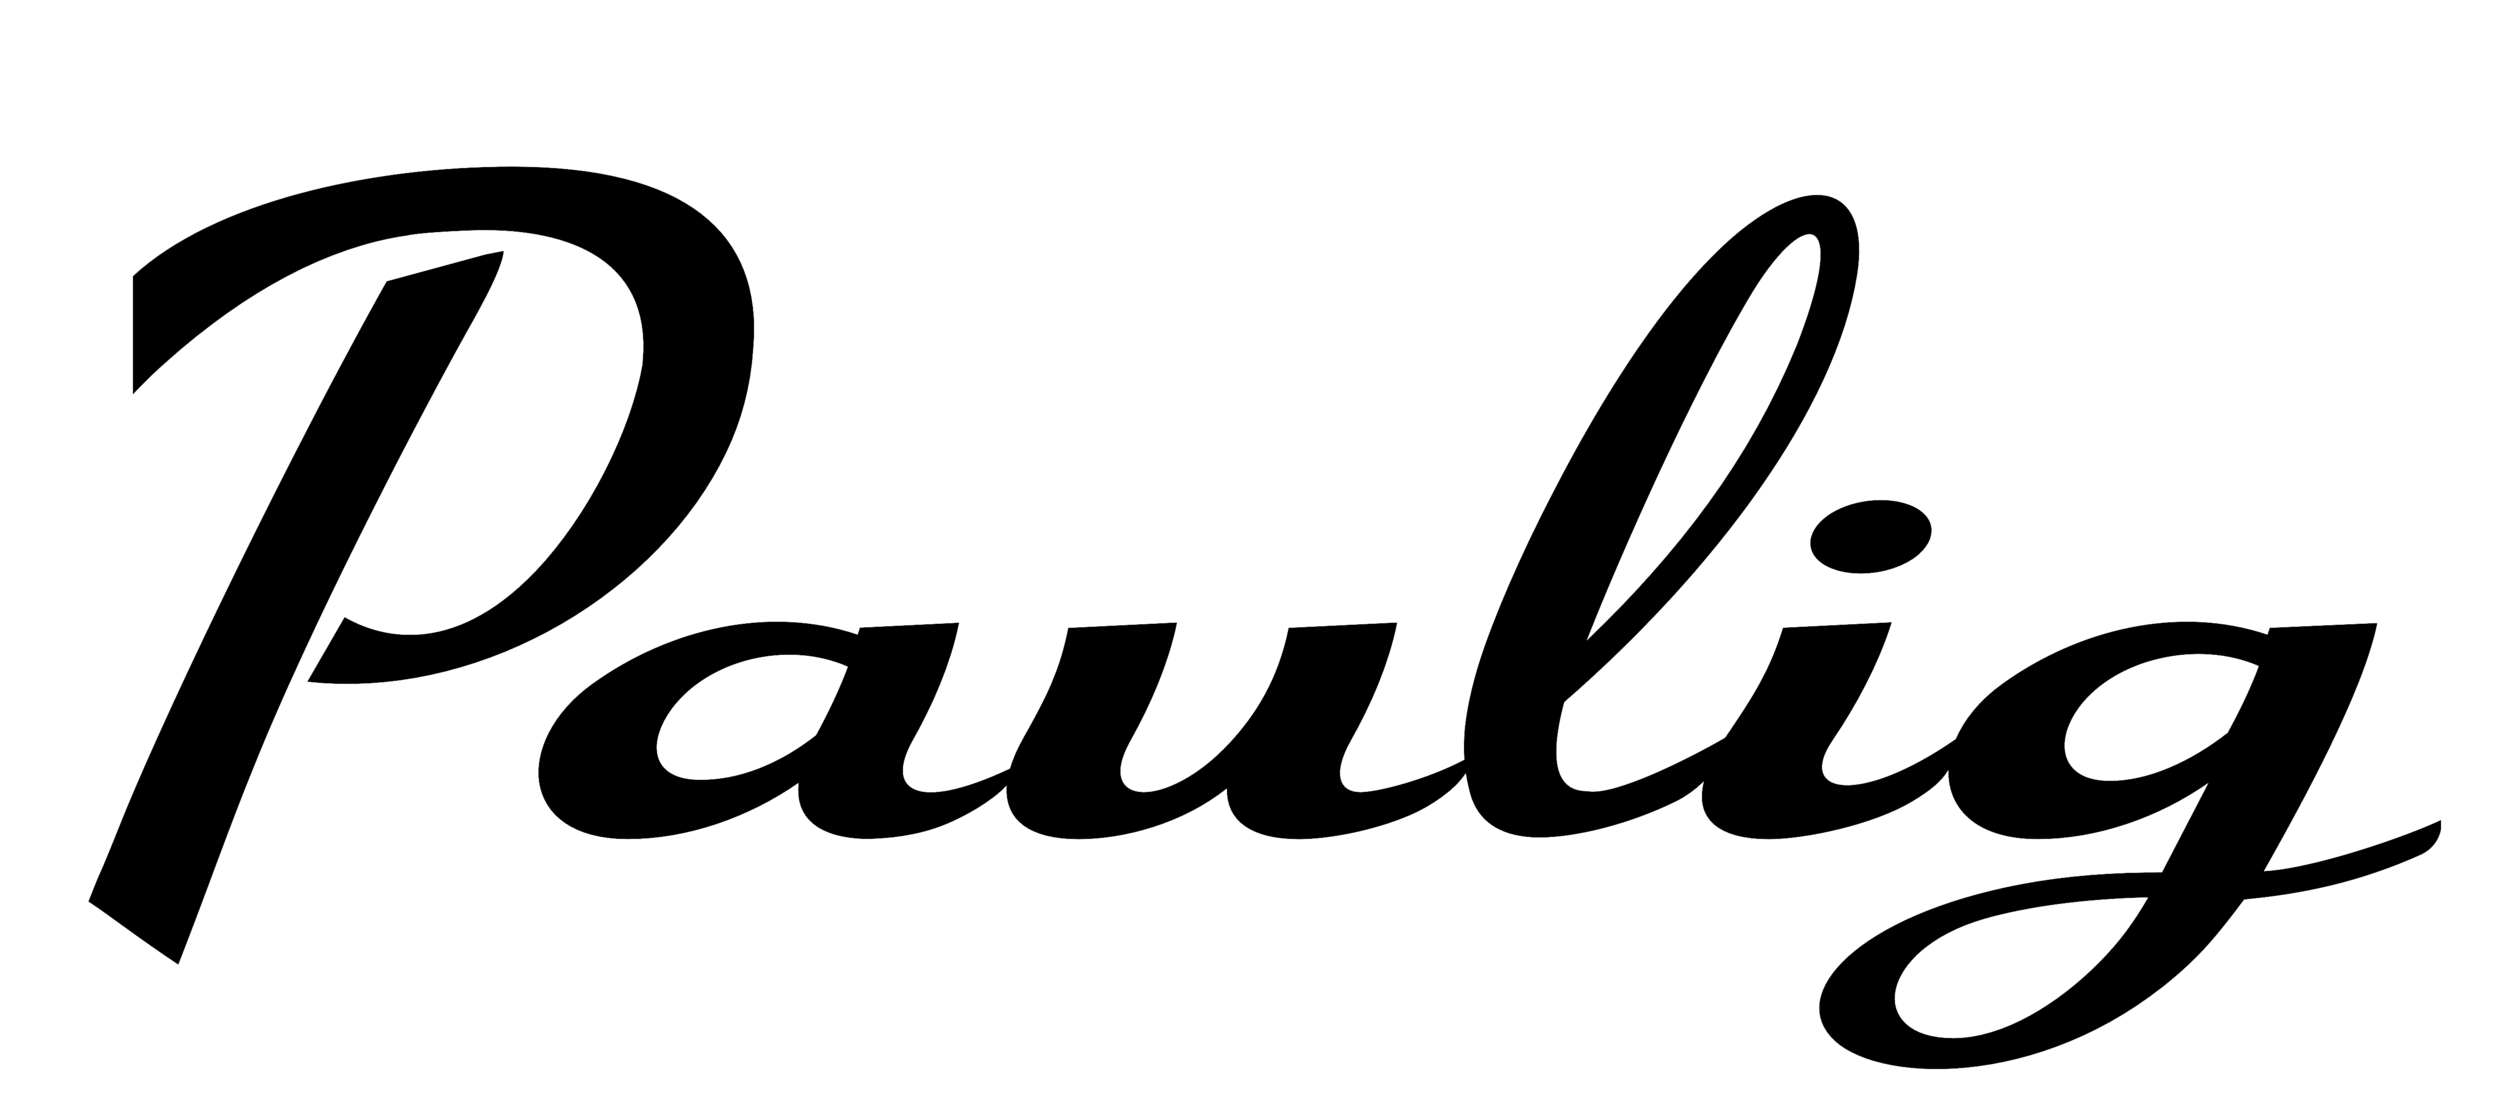 Paulig_logo_transparent_bg.png